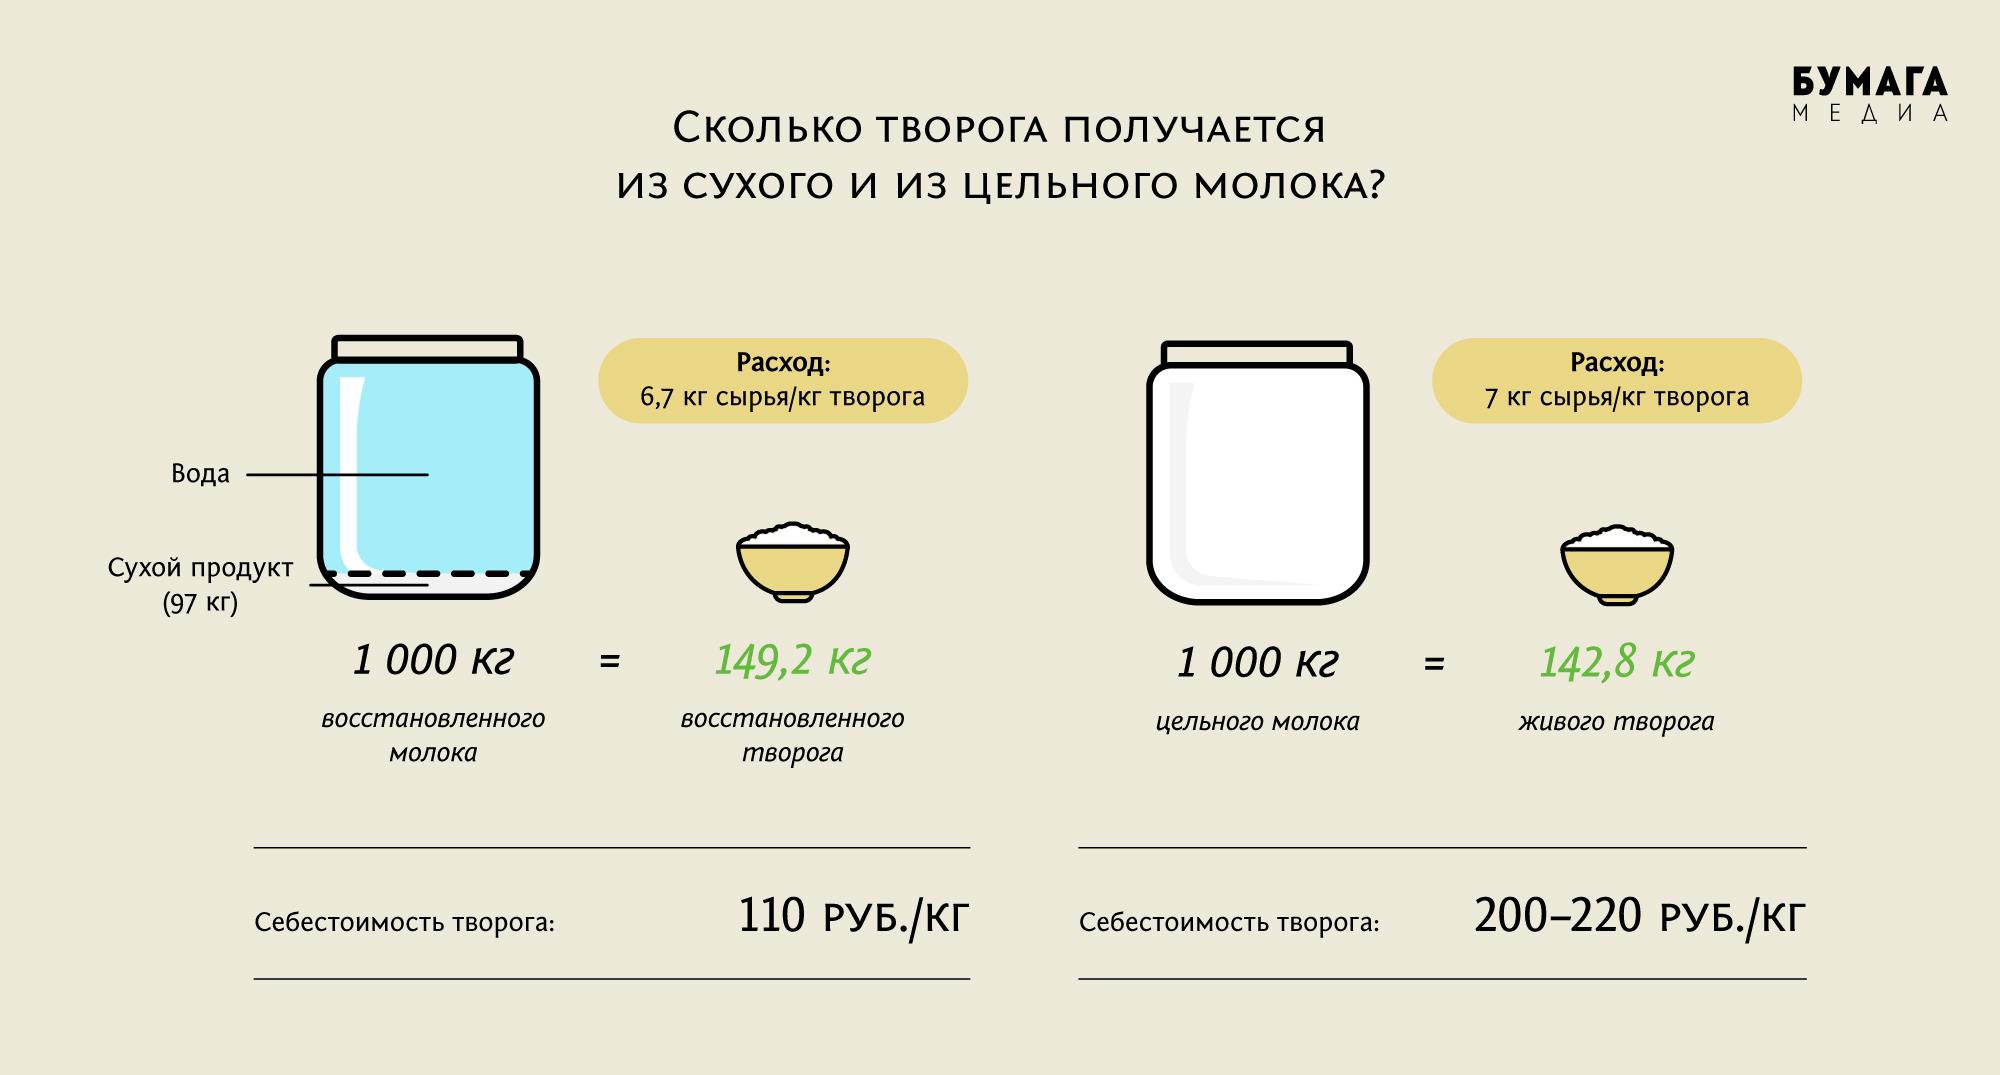 Как перевести литры моторного масла в тонны